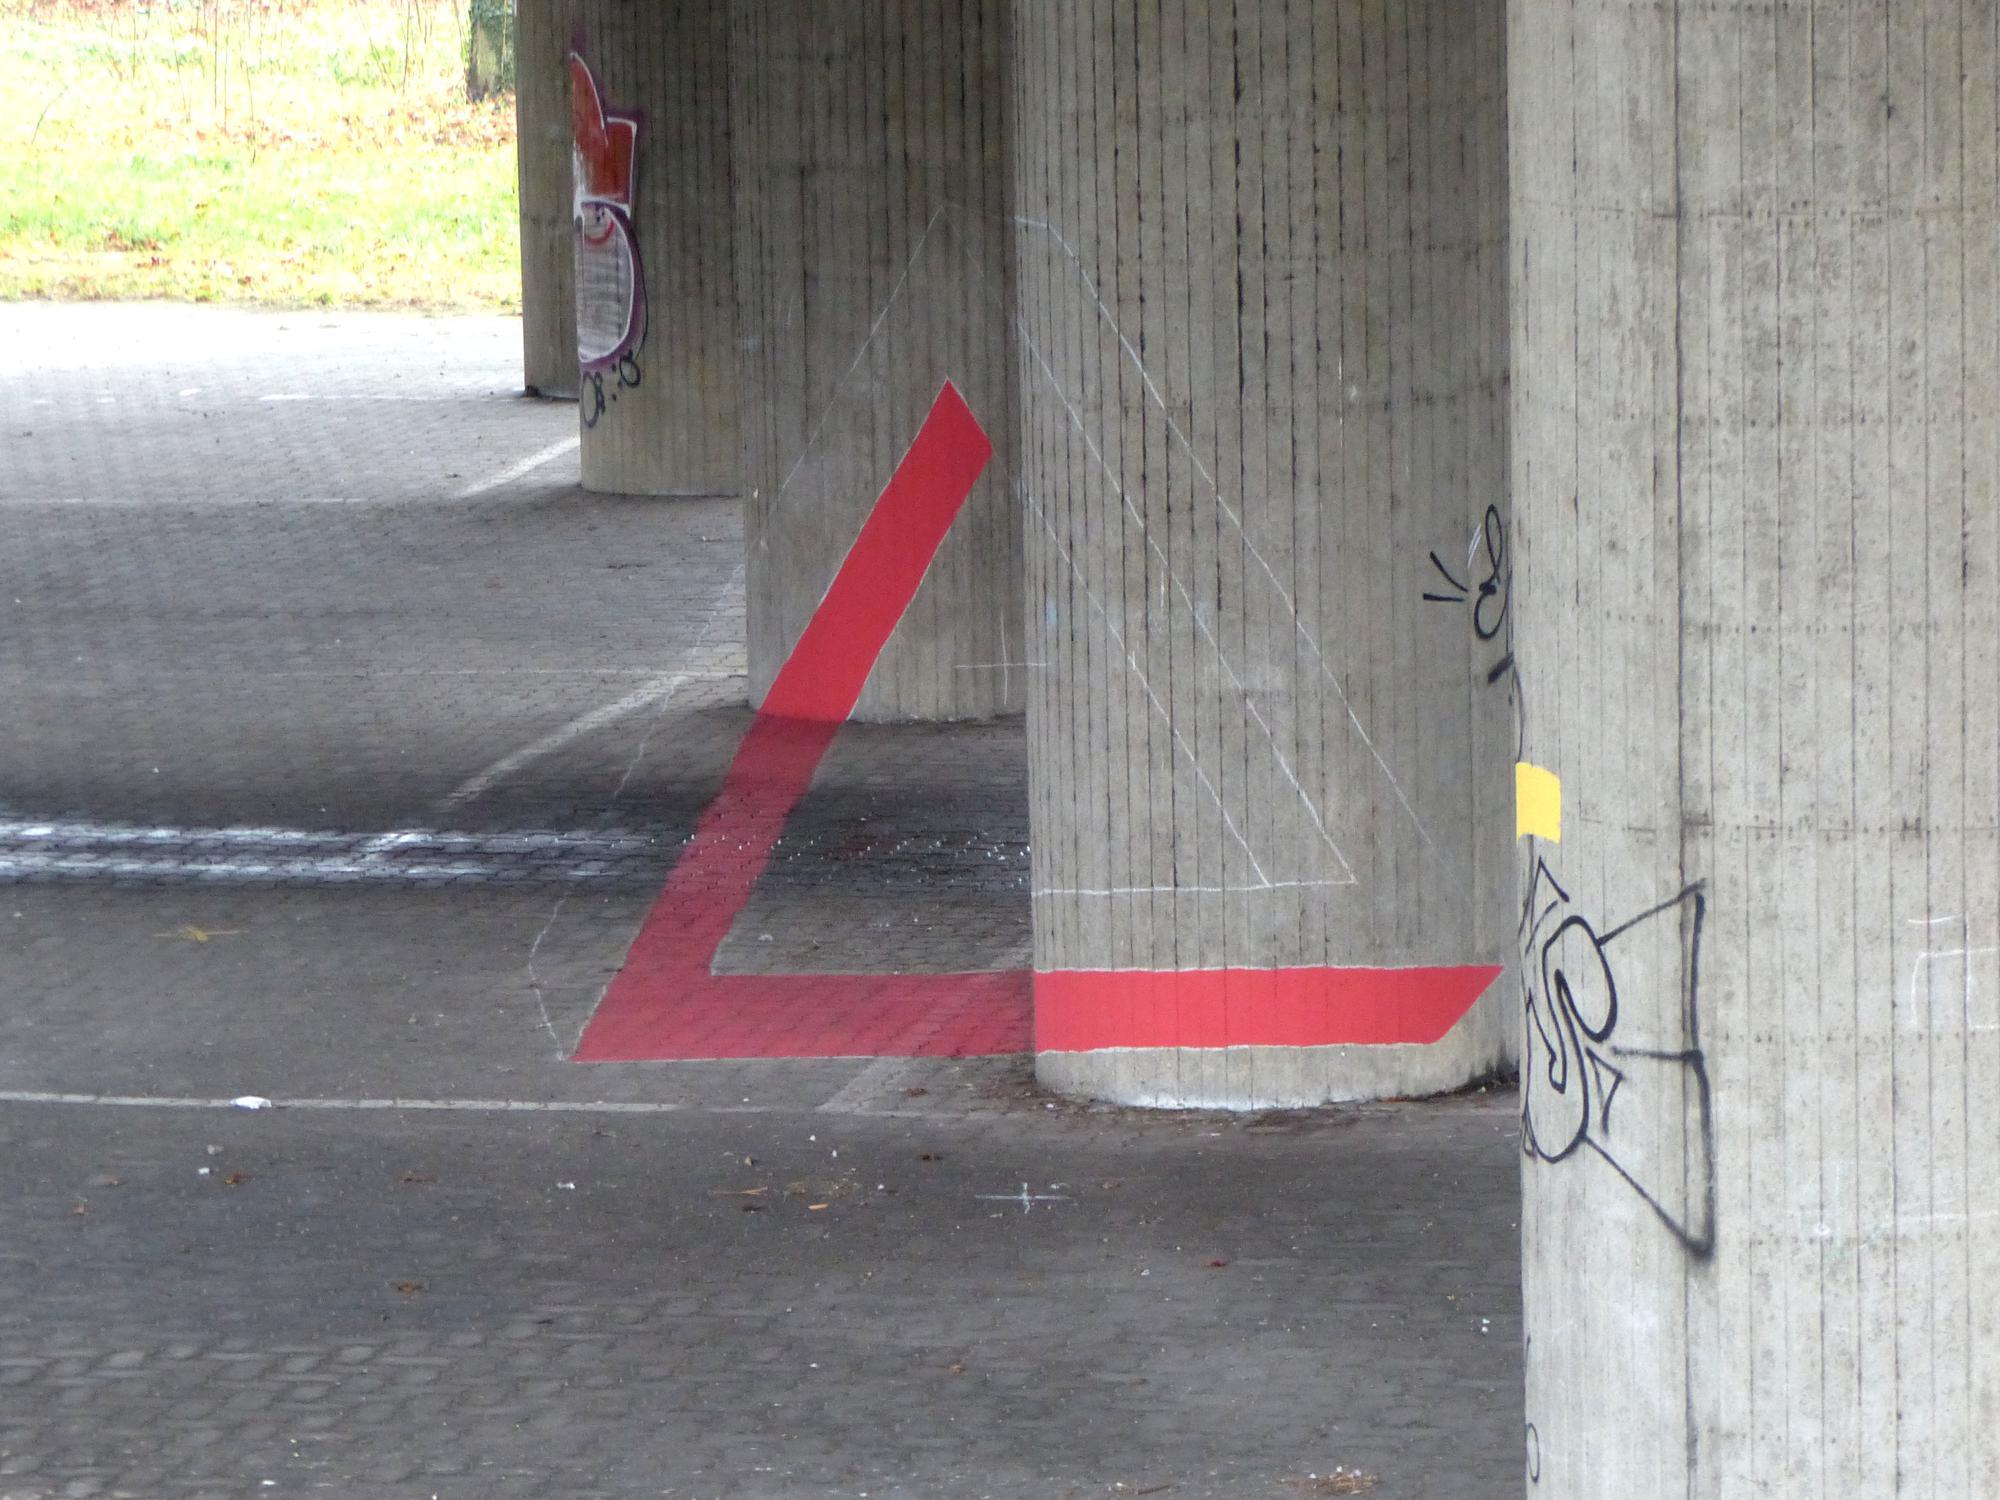 2ème étape peinture de la couleur rouge 1ère étape : traçage à la craie sur la projection